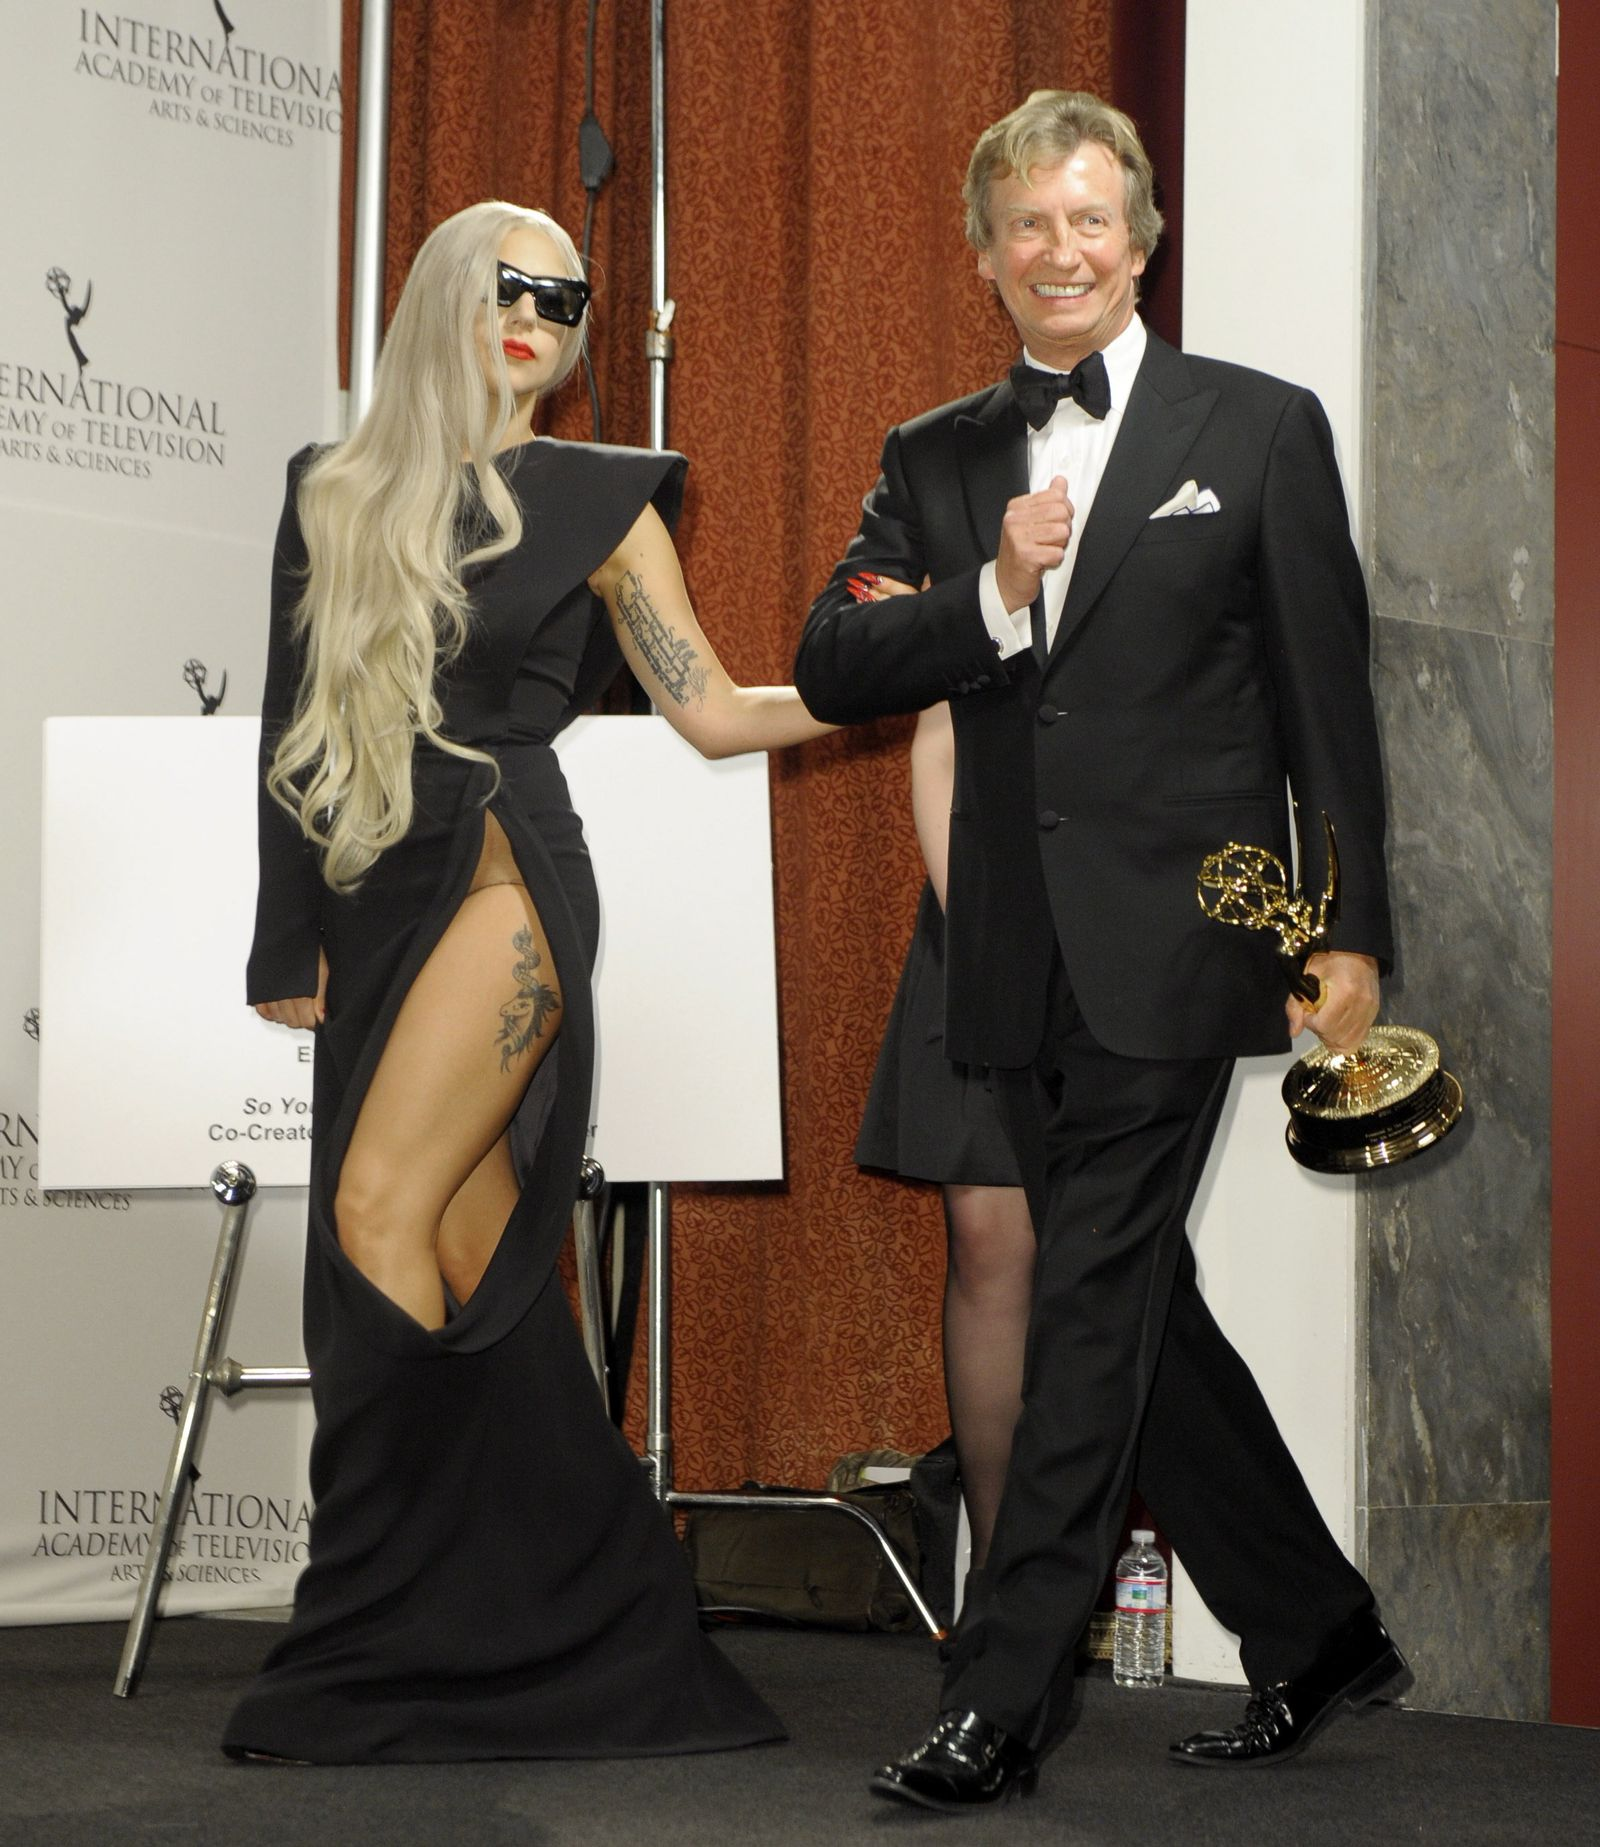 International Emmy Awards/ Gaga